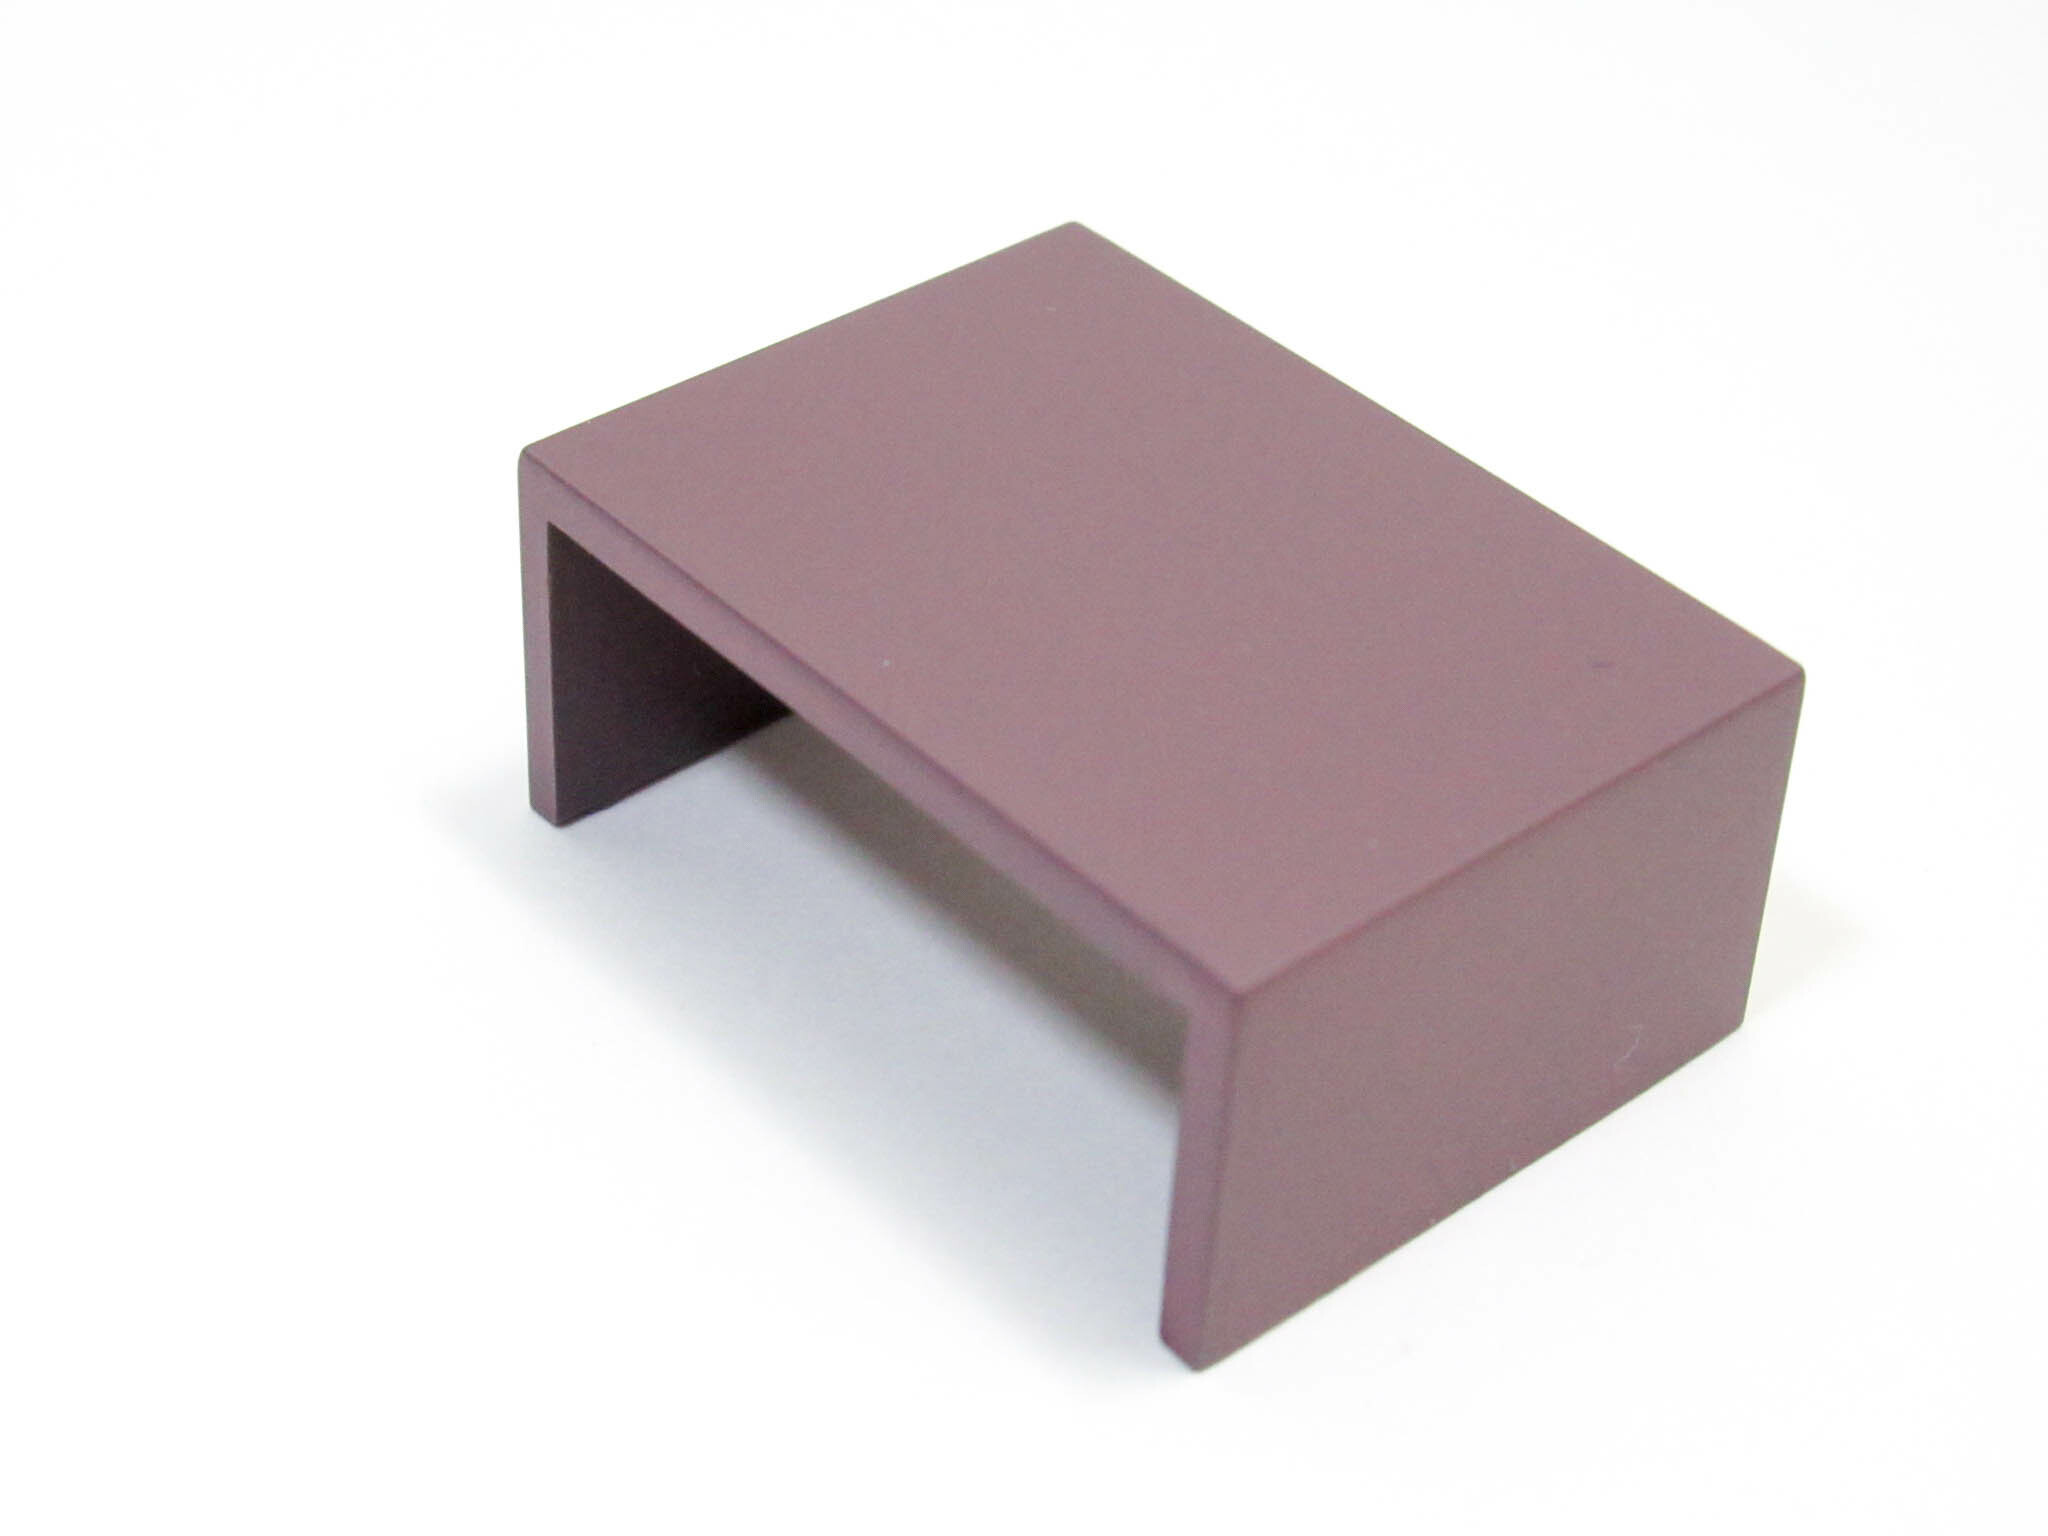 【995】 レイシア 小物パーツ テーブル ねんどろいど